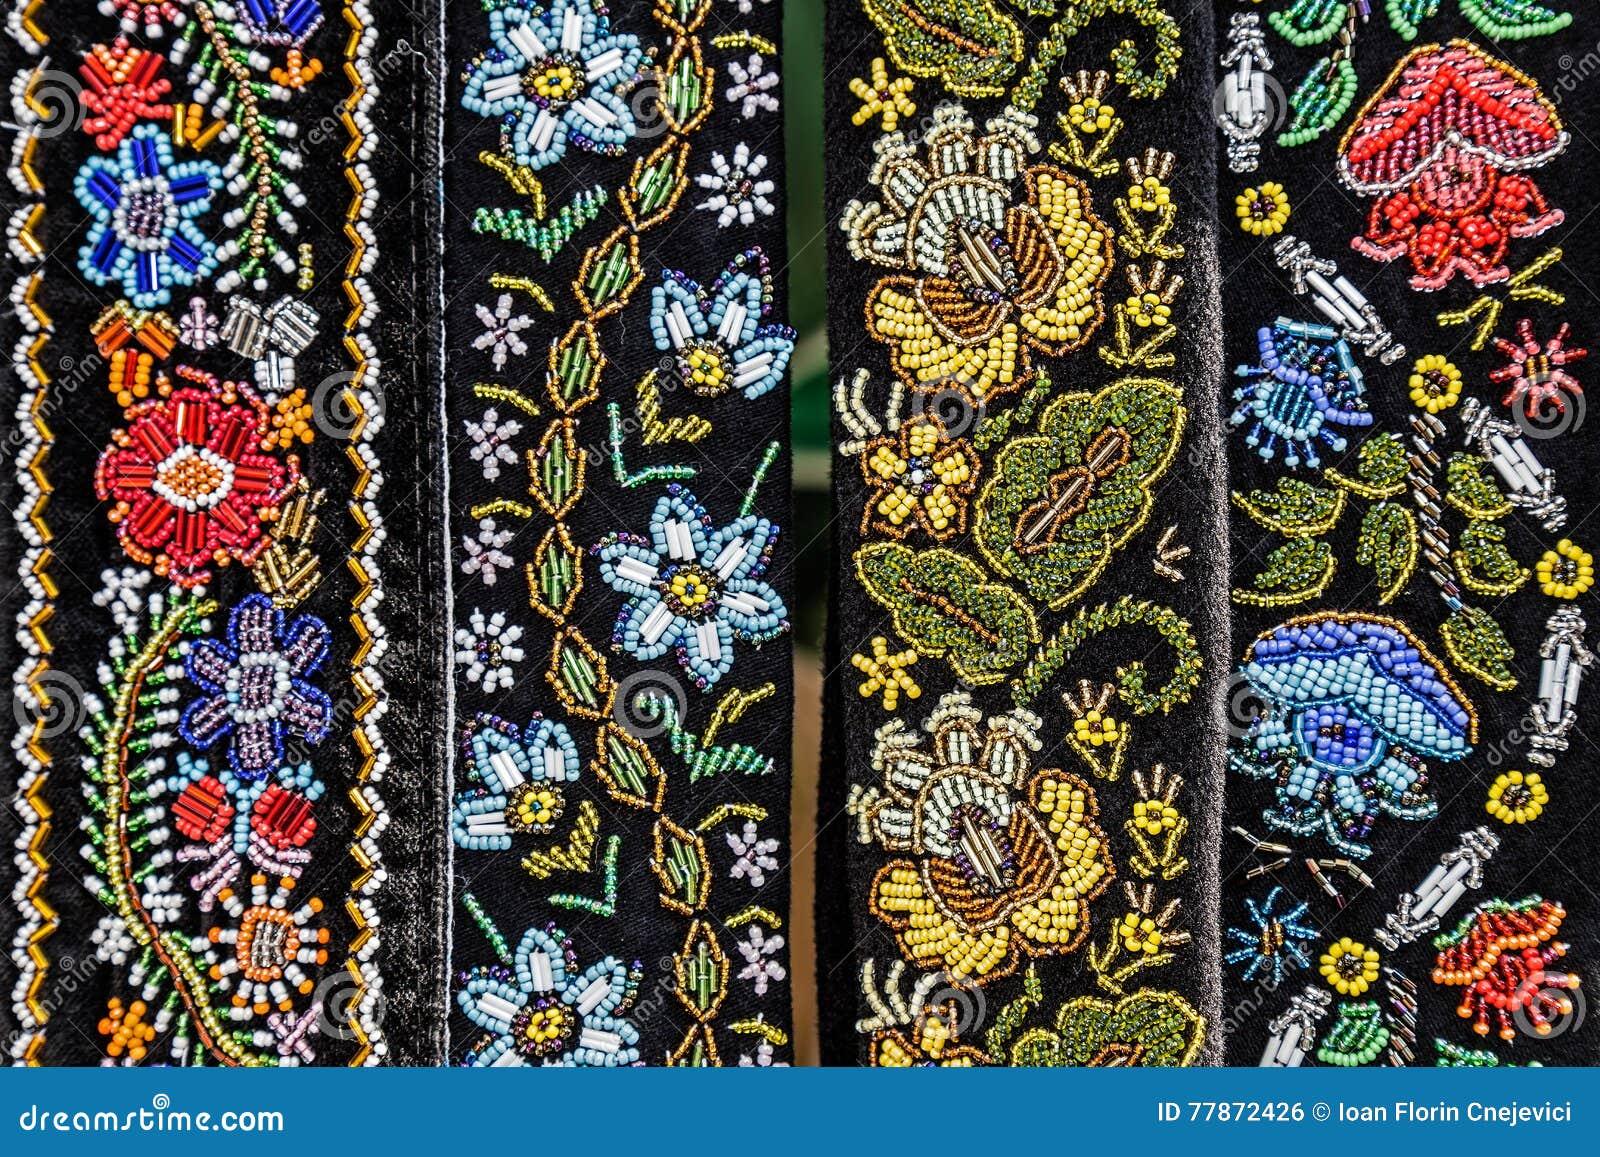 Ζώνες για τις γυναίκες που κεντιούνται παραδοσιακές με τα ρουμανικά σχέδια